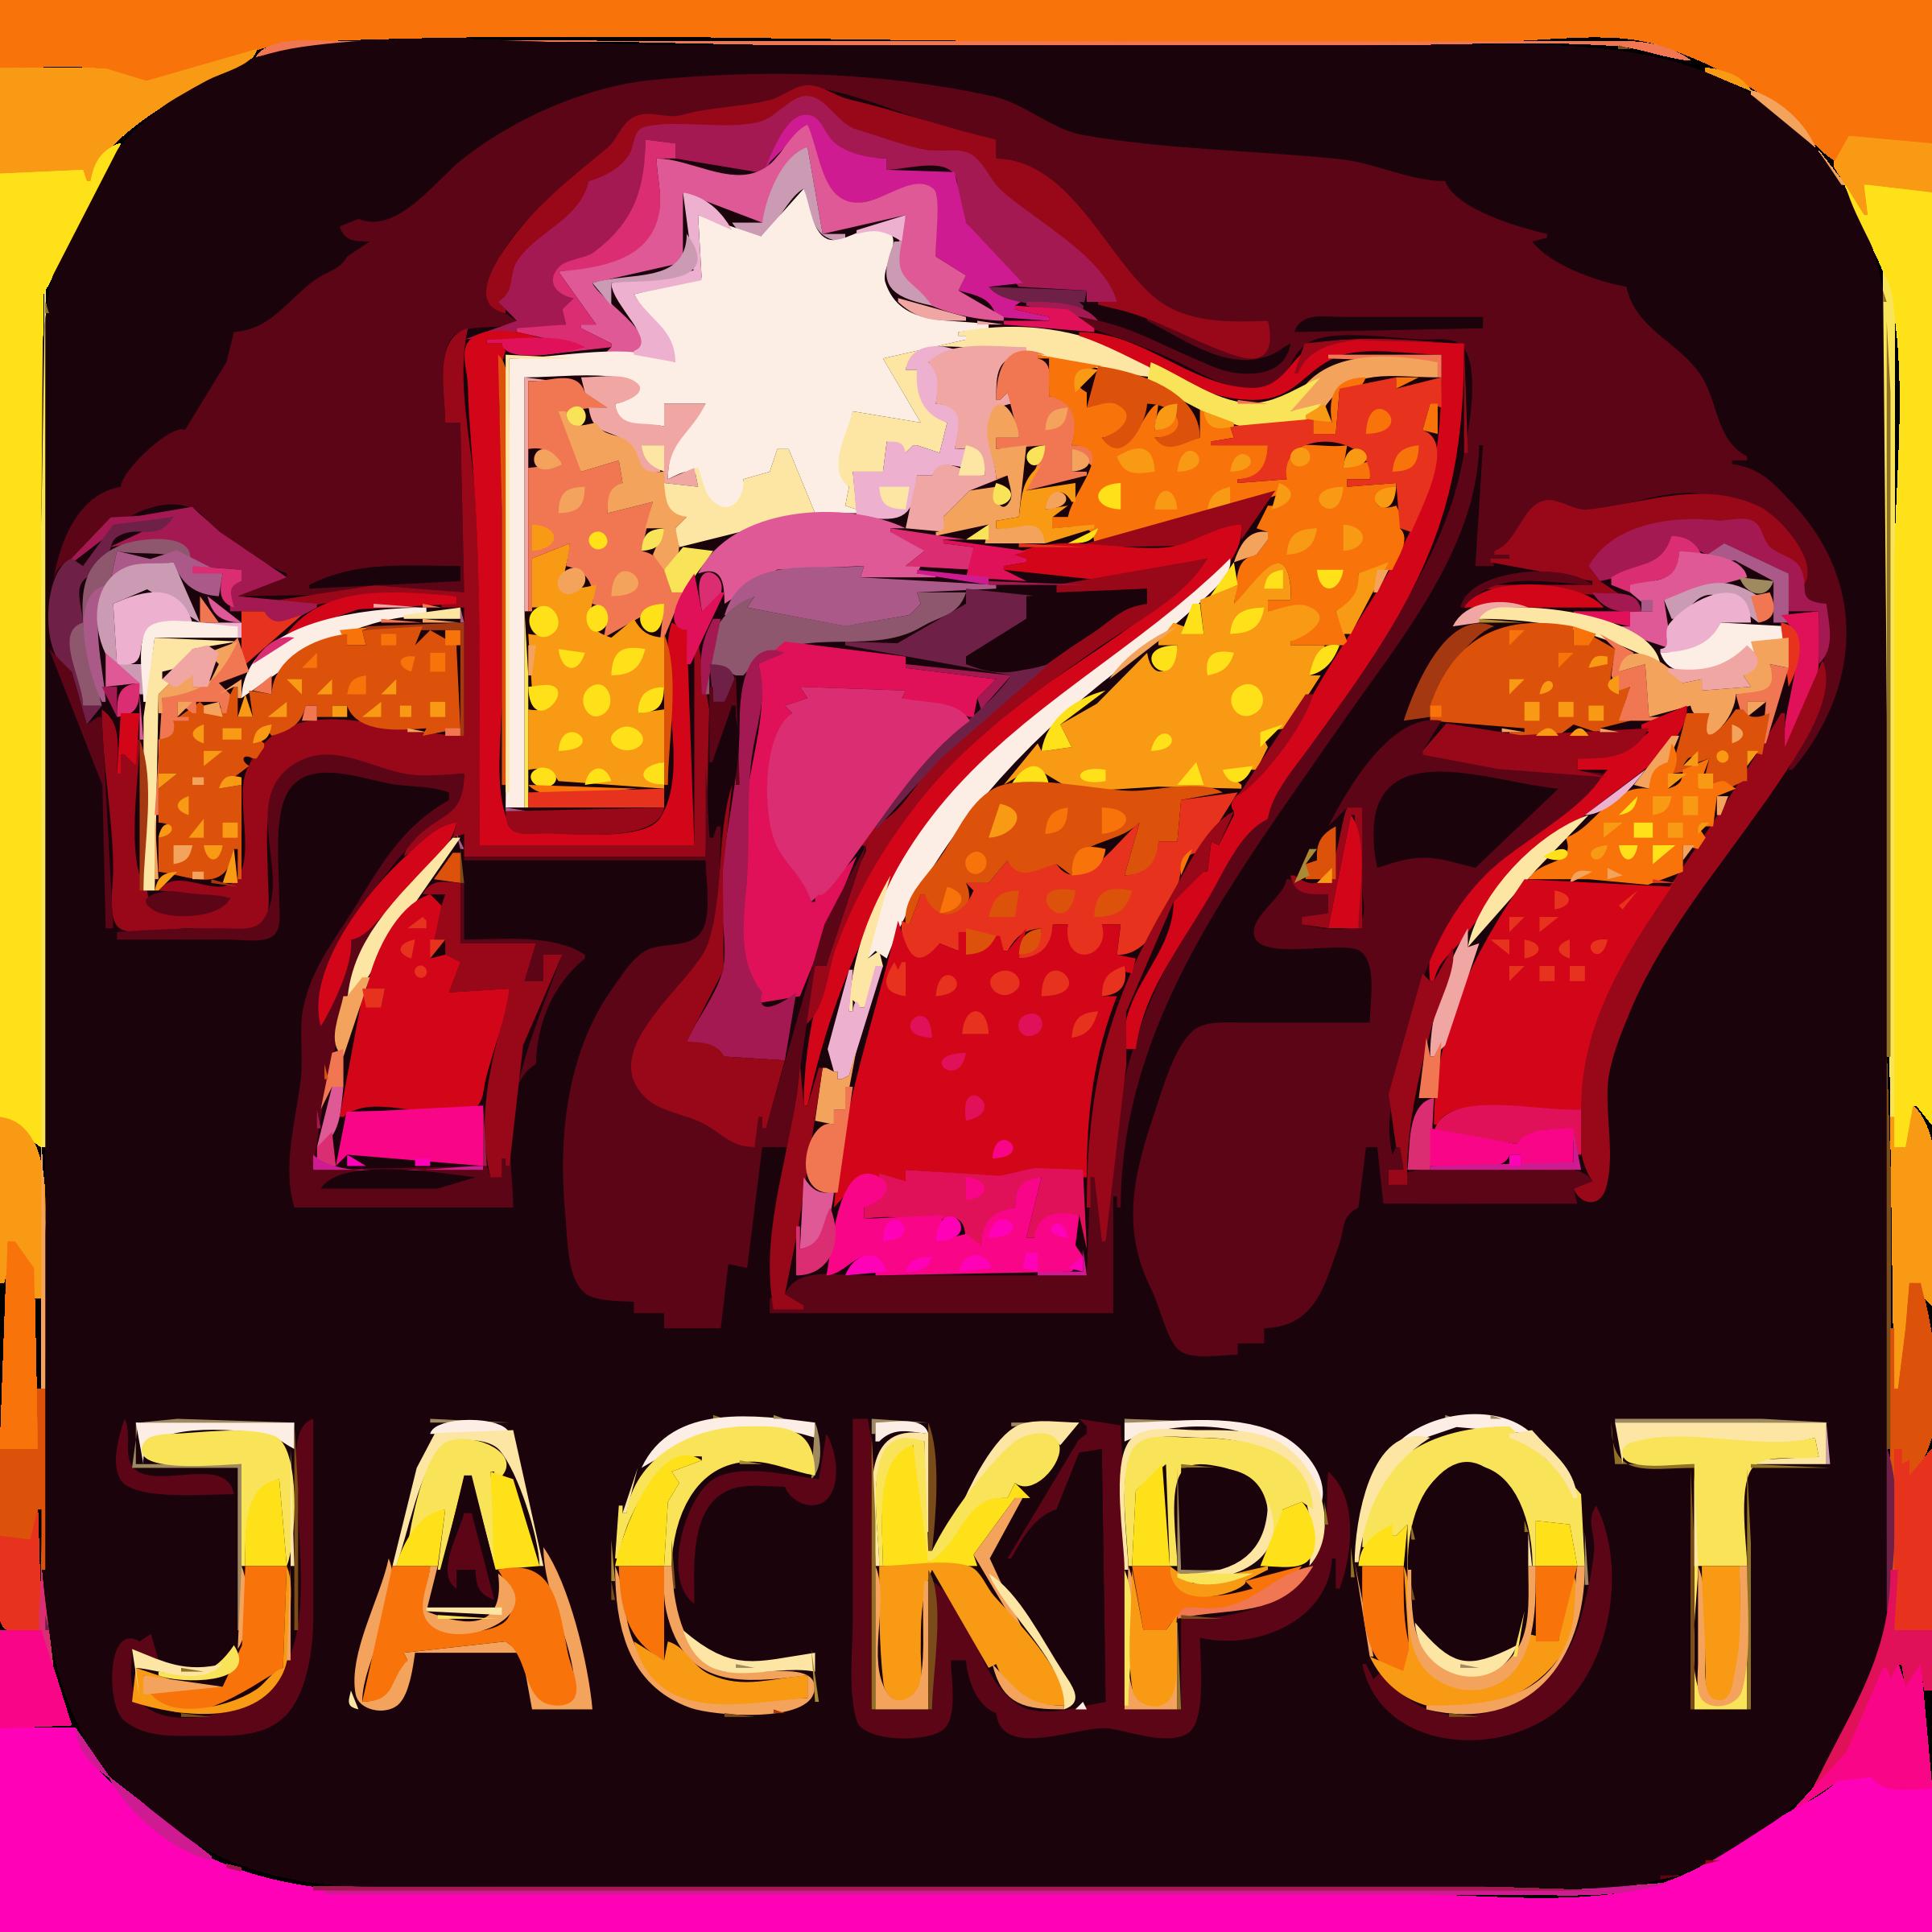 777 Jackpot by rejon